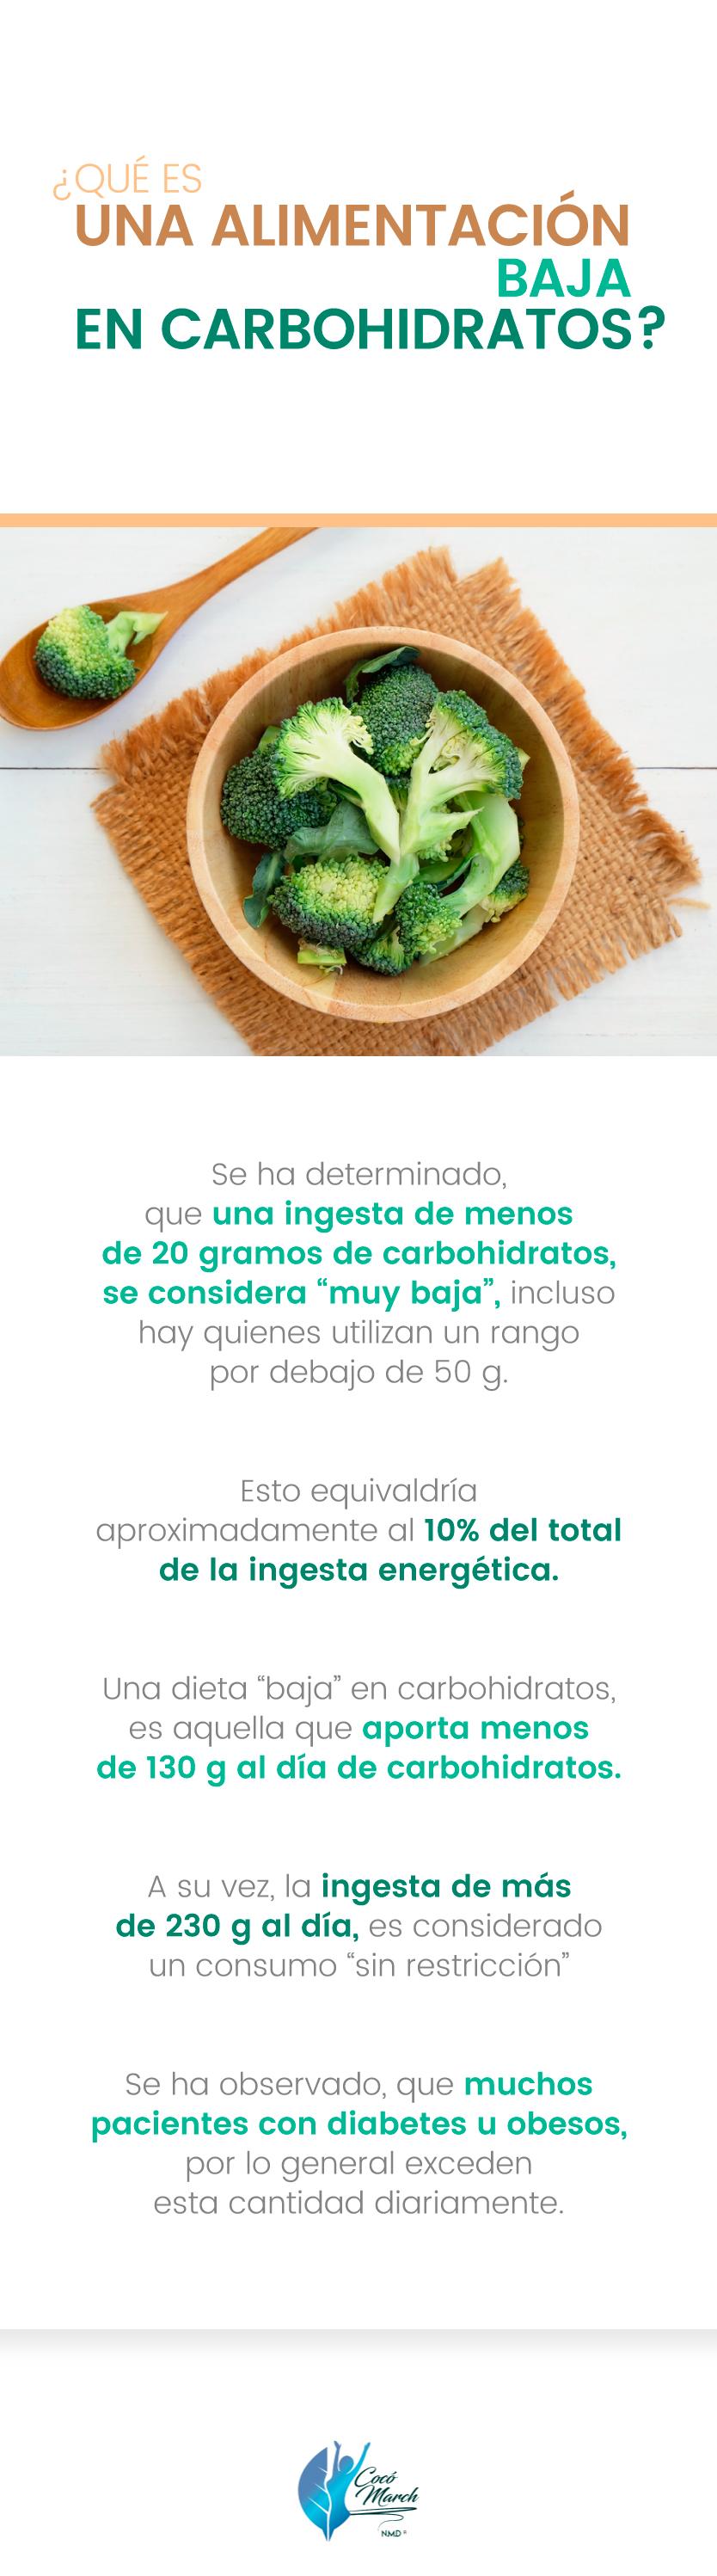 alimentacion-baja-en-carbohidratos